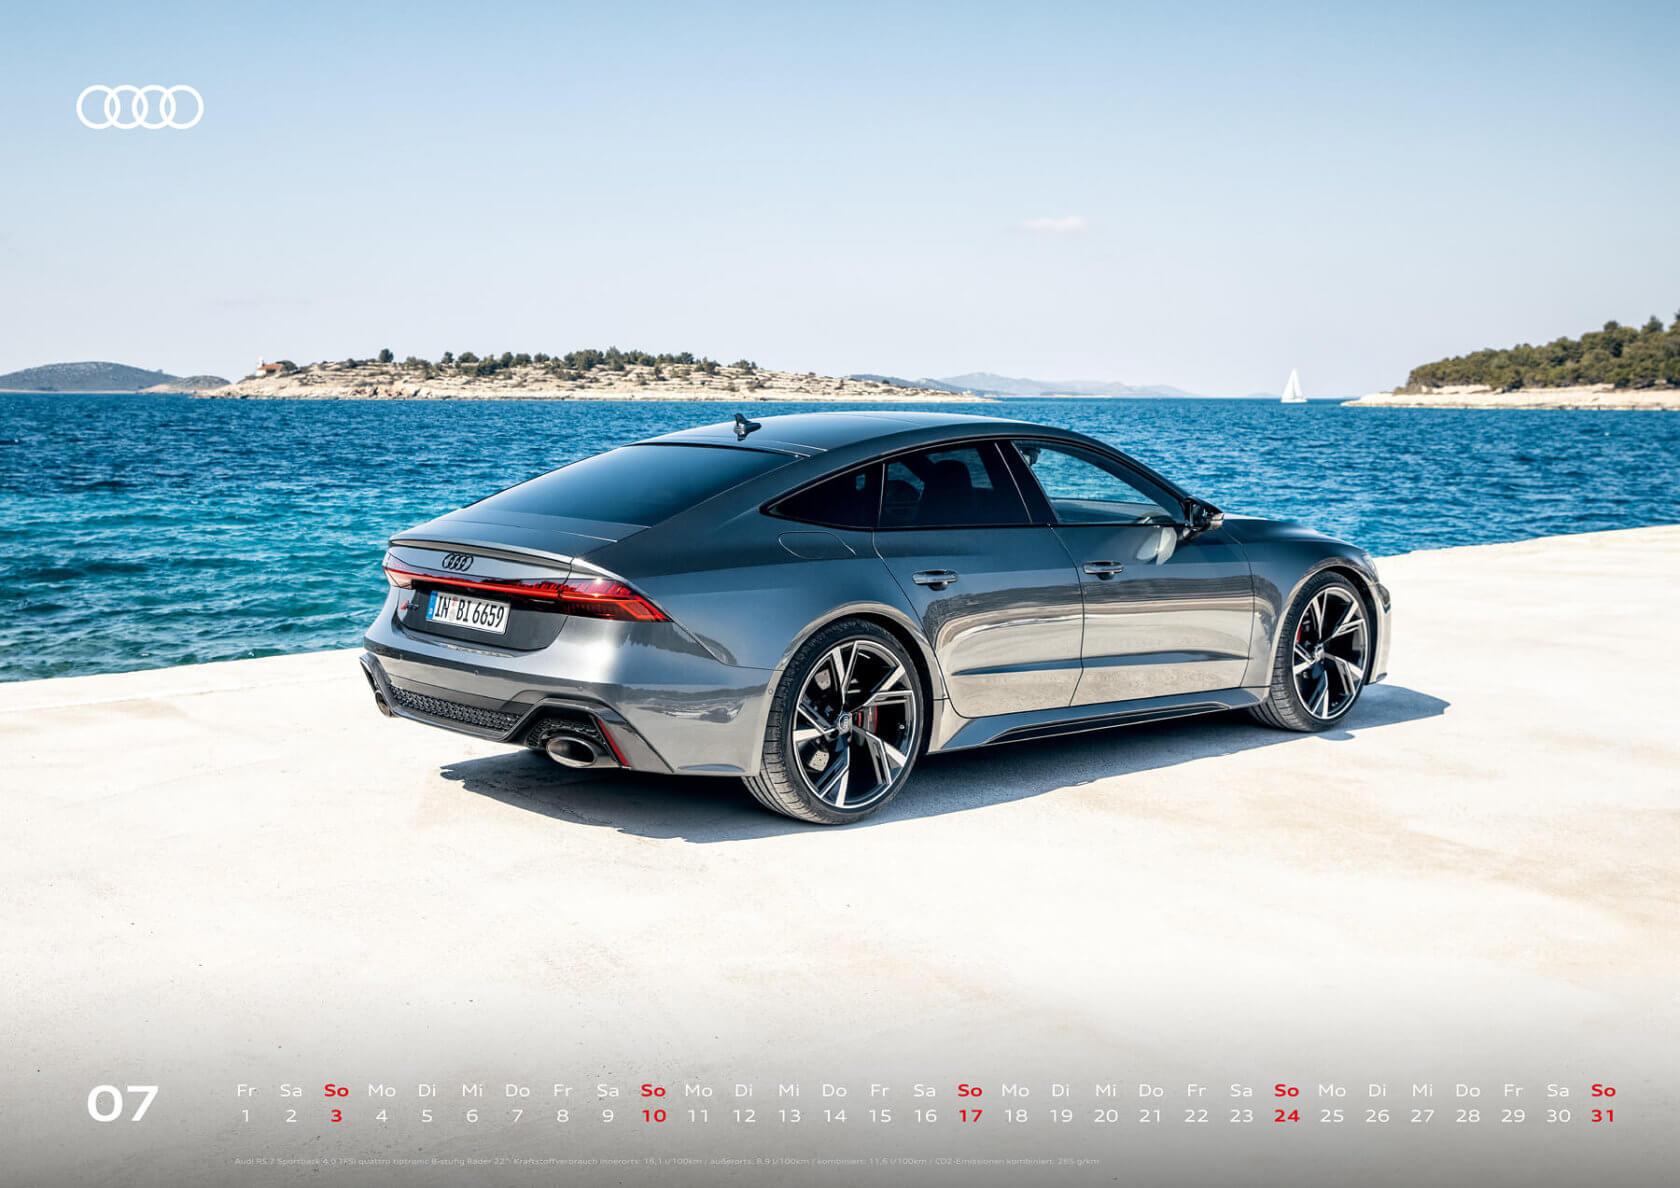 Audi Kalender 2022 A2 Juli